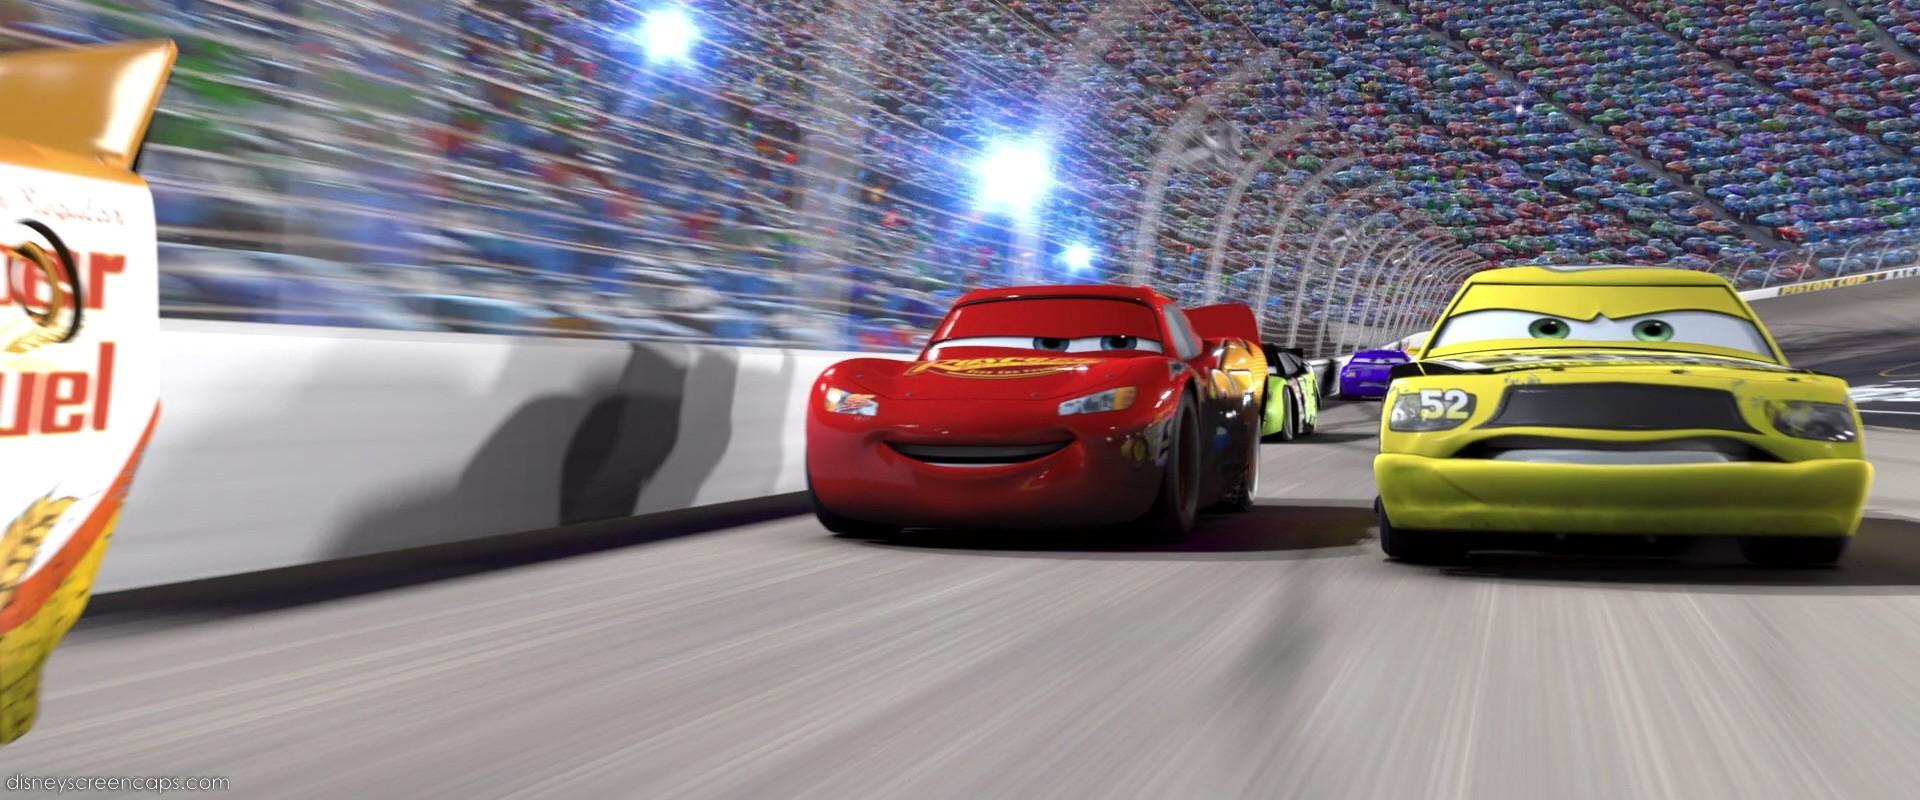 Lightning McQueen images Lightning McQueen wallpaper photos 26226825 1920x800